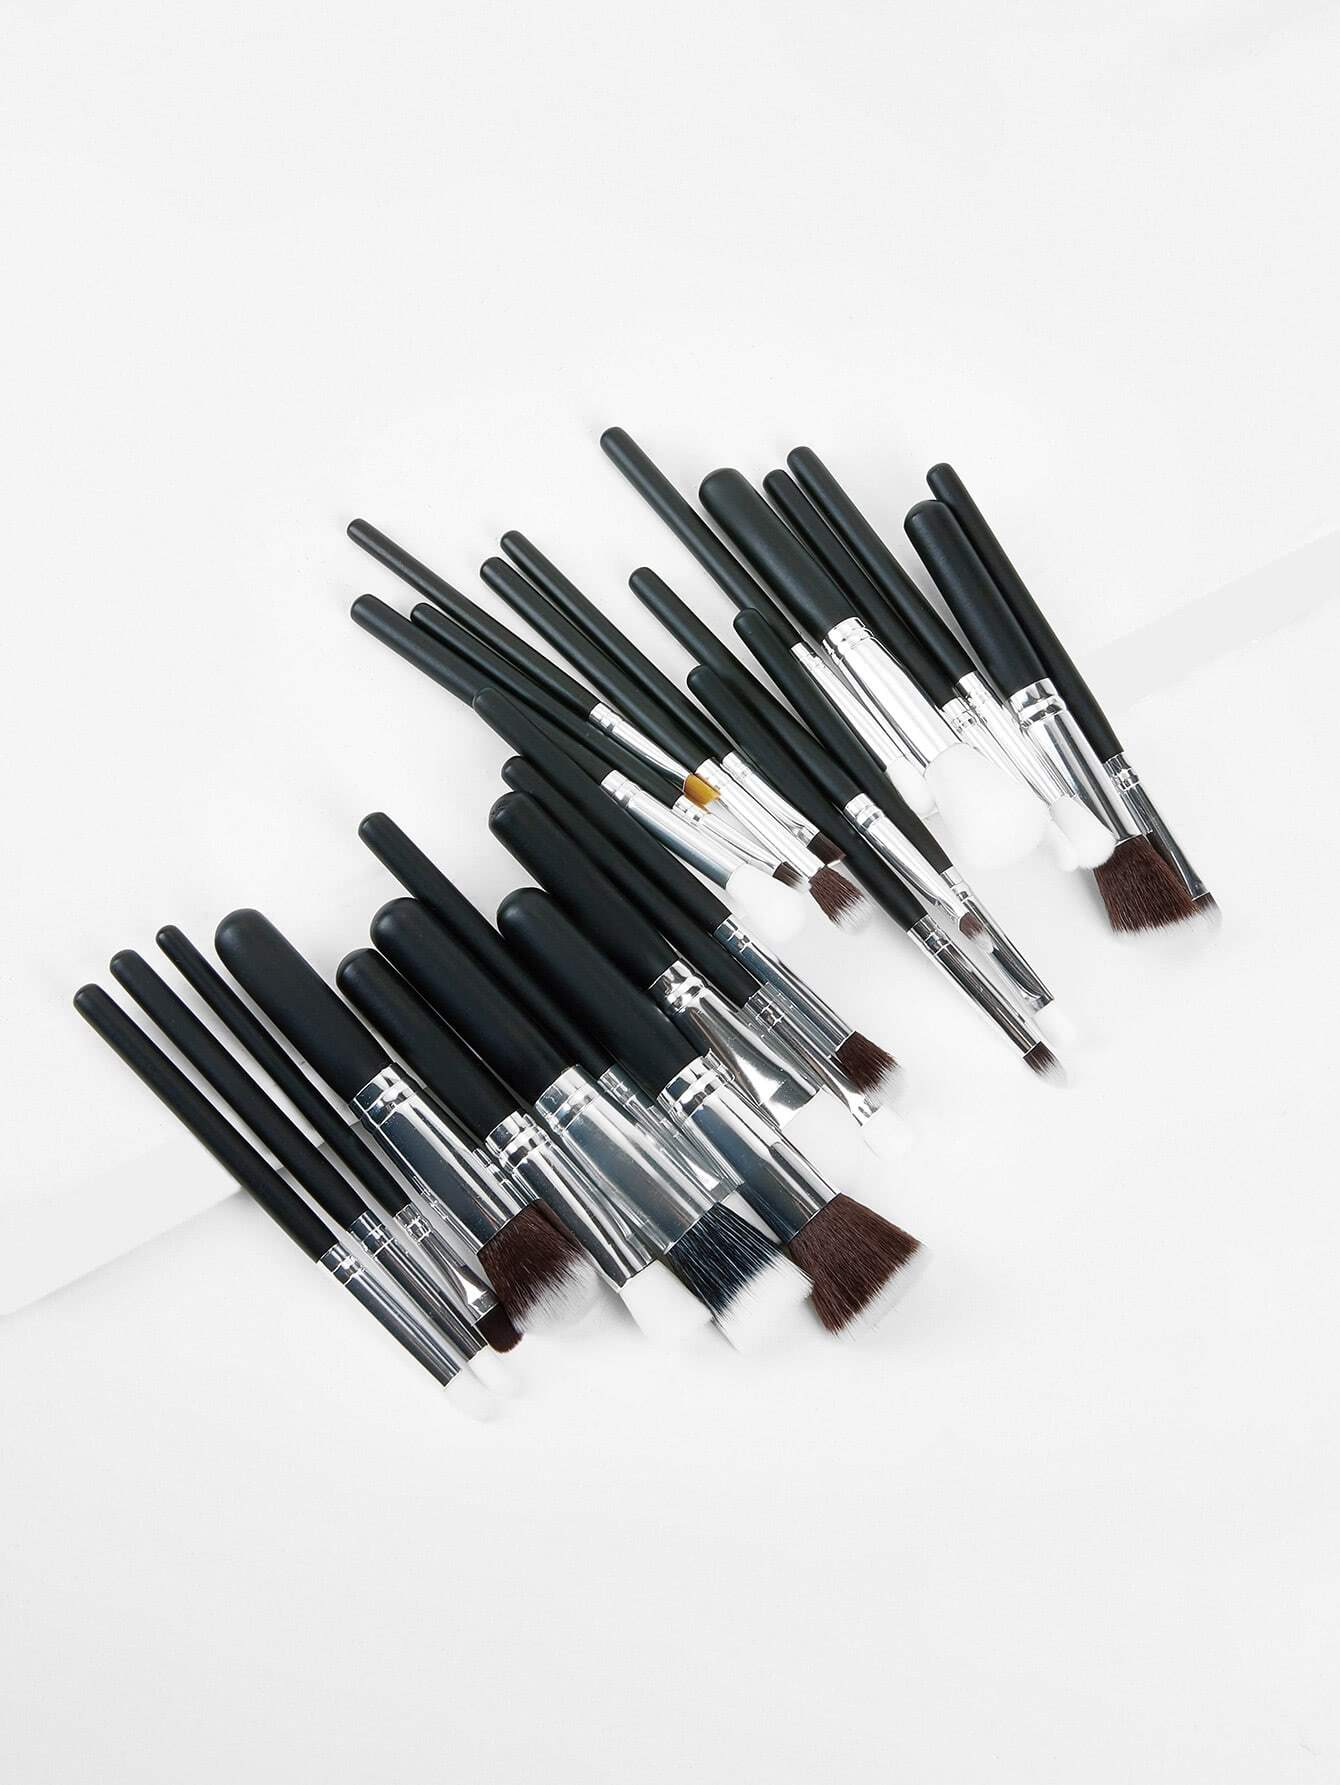 Professional Makeup Brush 25pcs